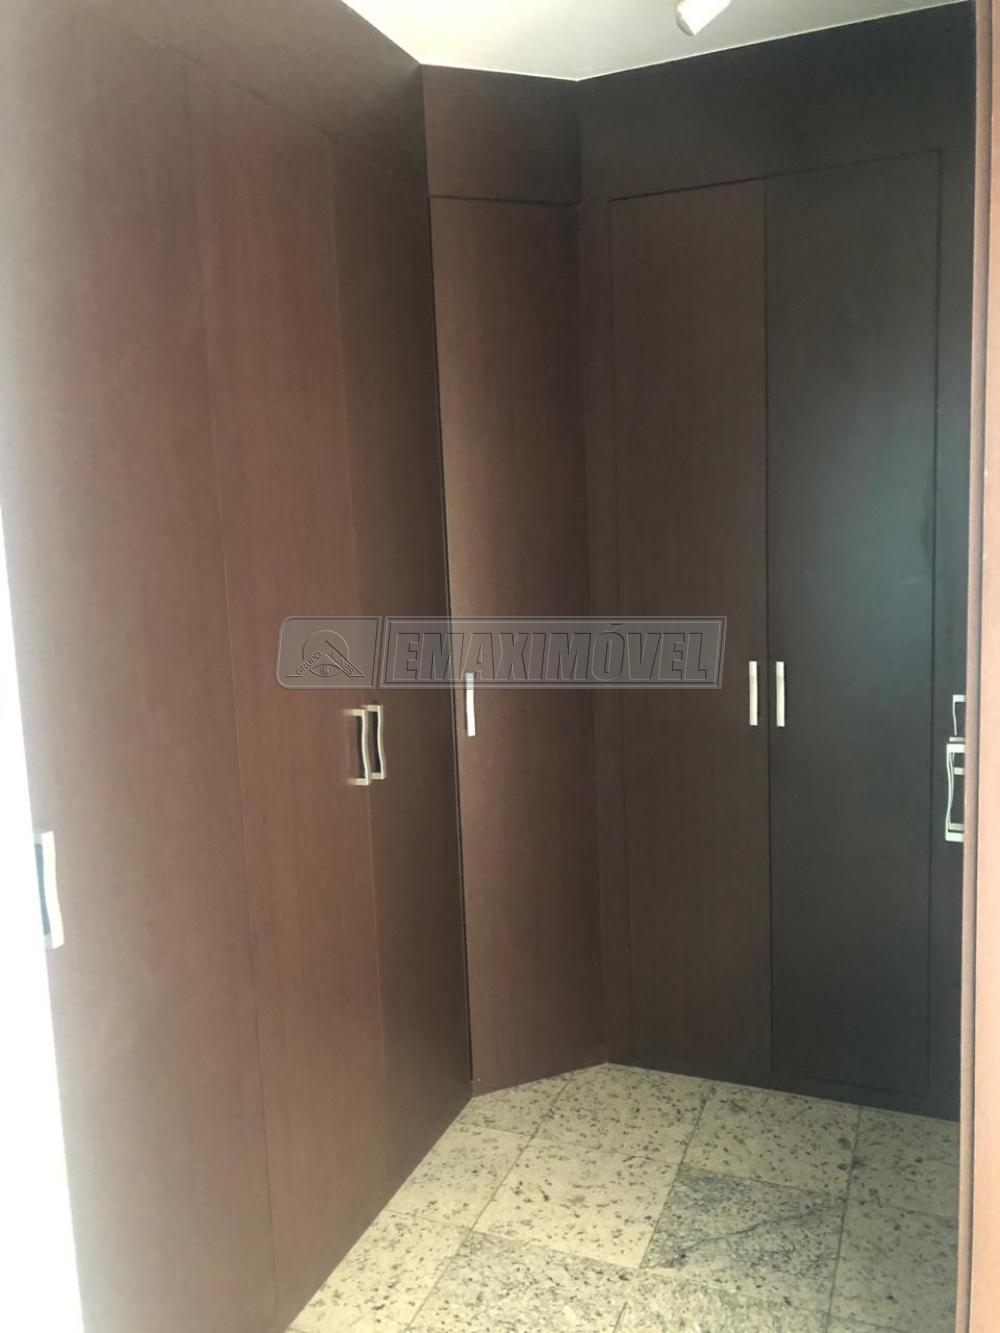 Comprar Casas / em Condomínios em Sorocaba apenas R$ 1.050.000,00 - Foto 10